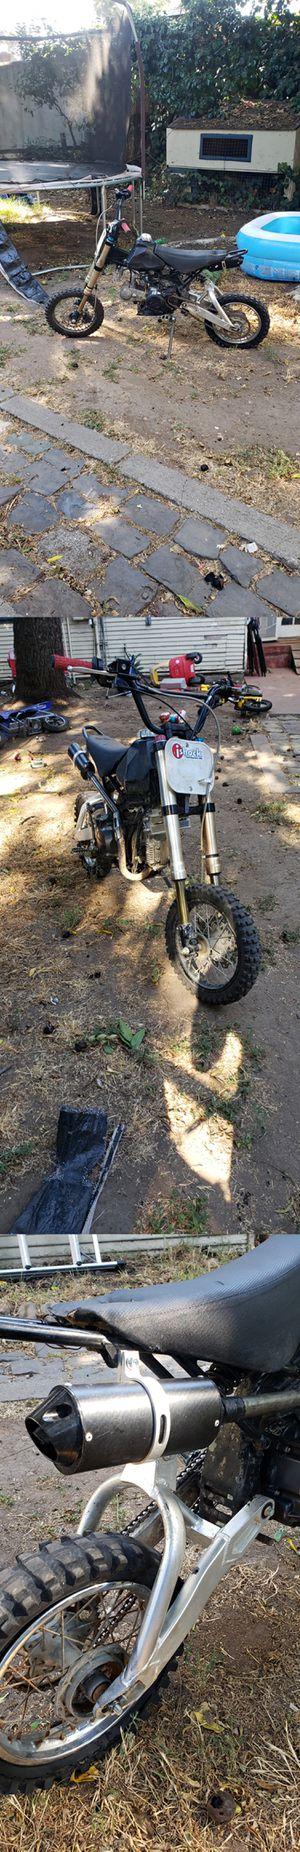 125cc // Pitbike // $485 for Sale in Stockton, CA